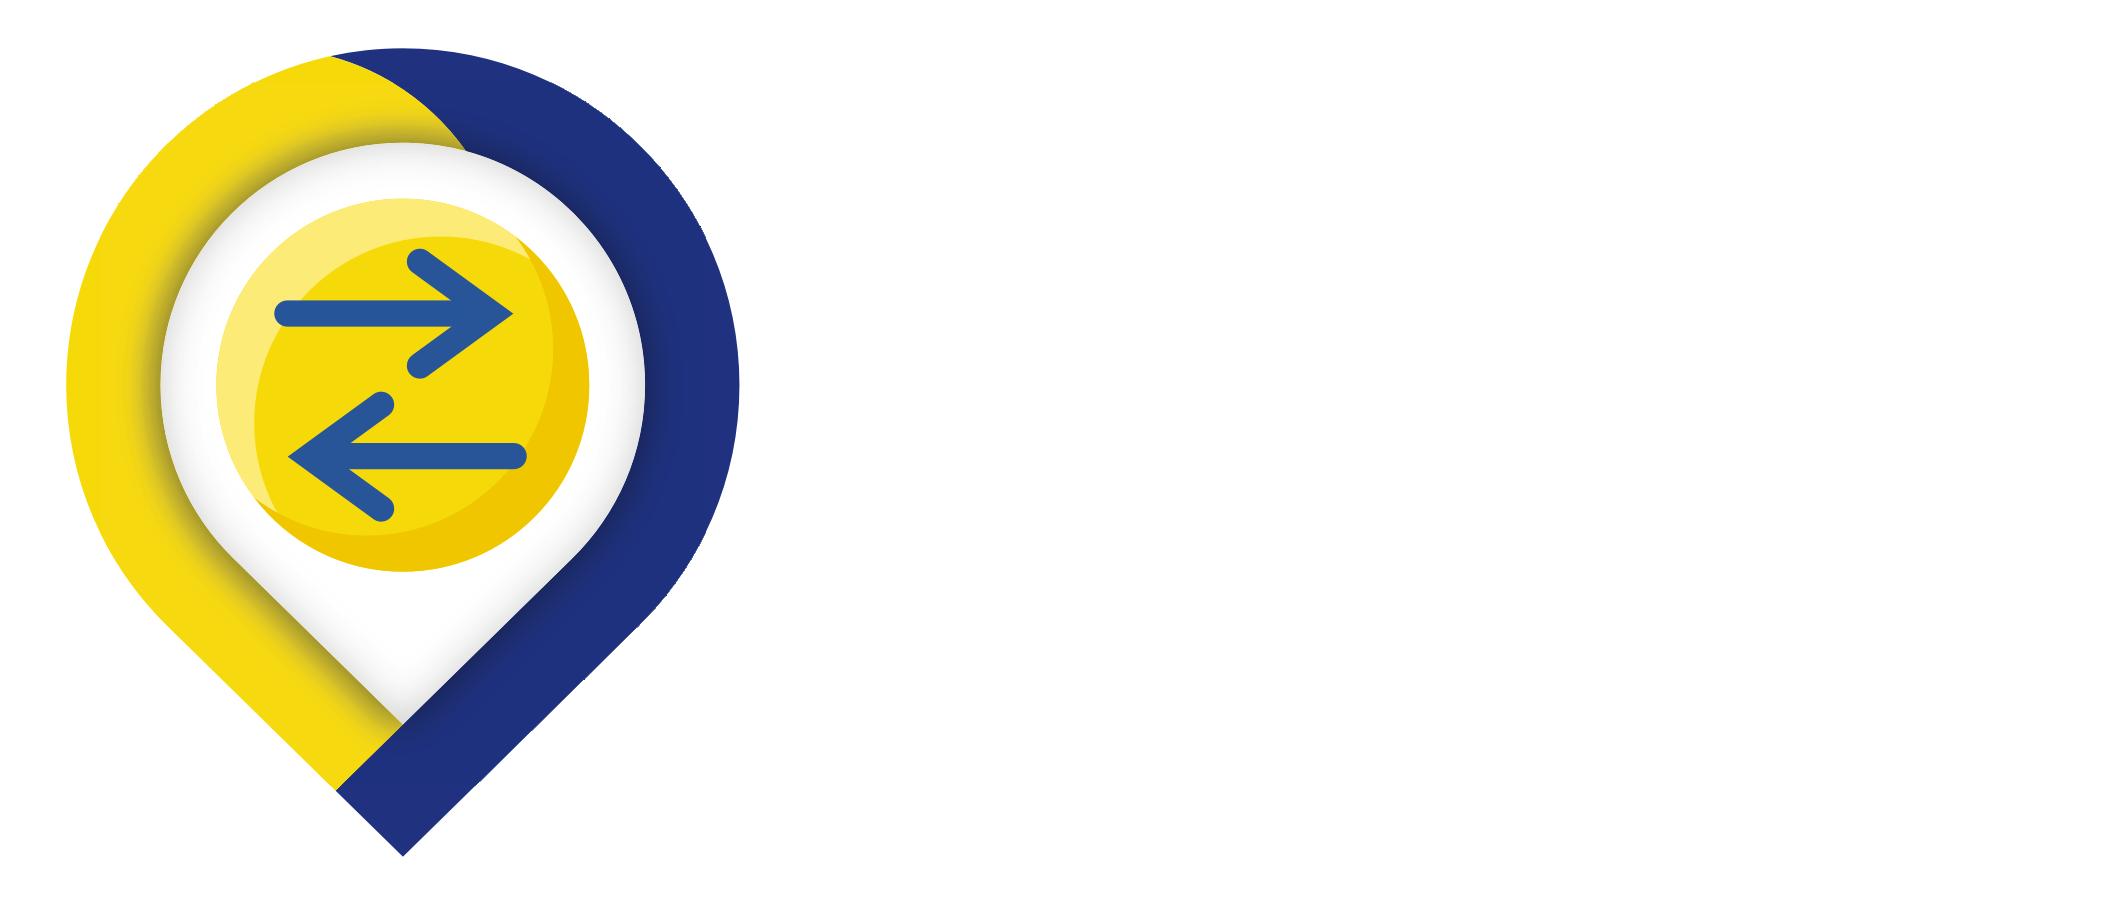 Jarocińskie Linie Autobusowe